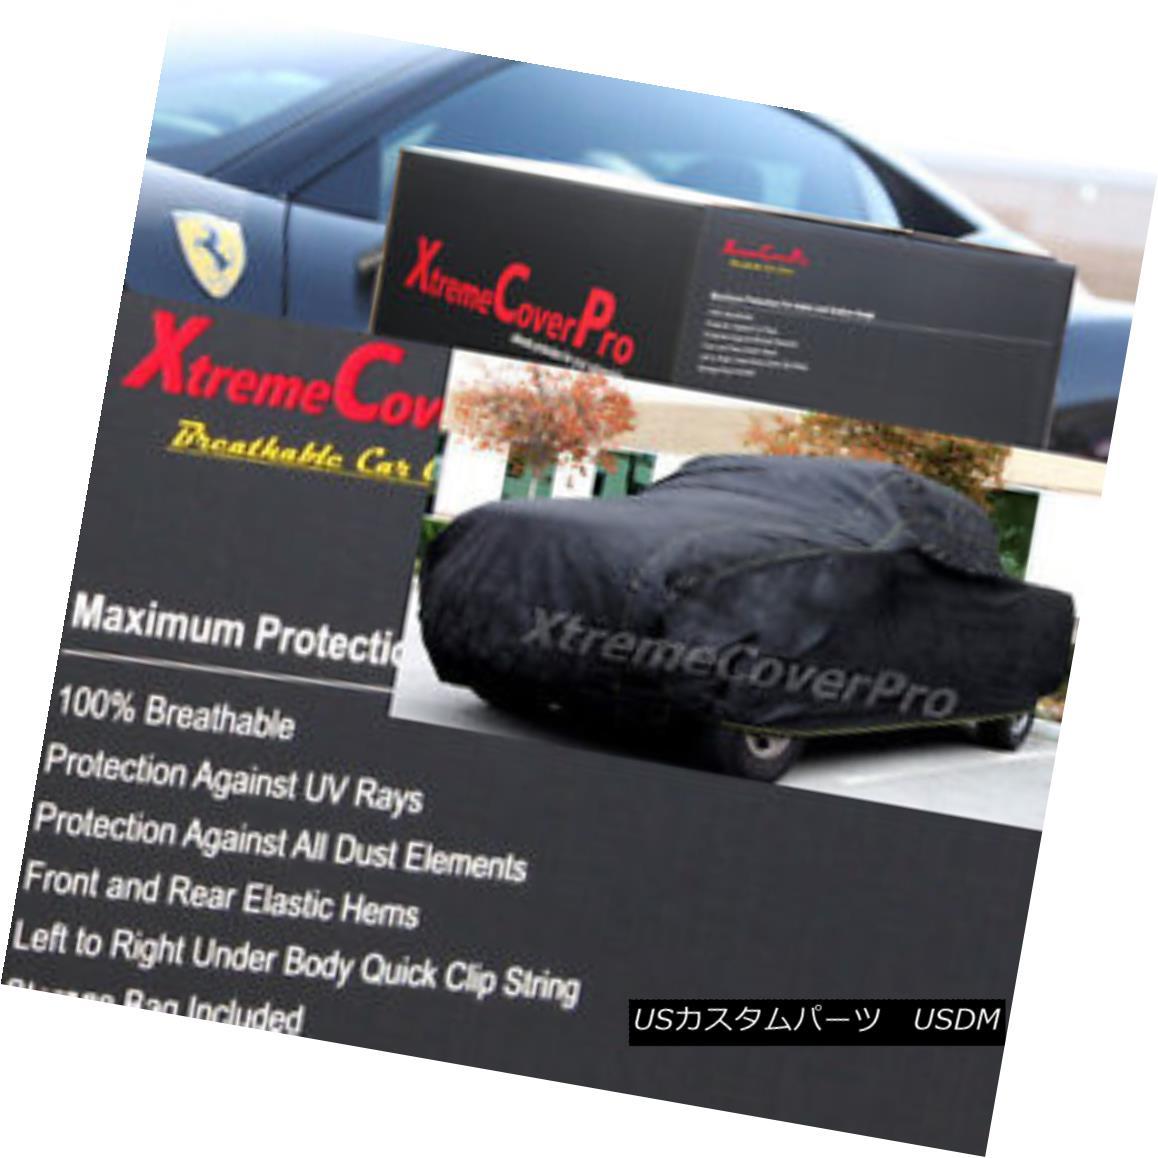 カーカバー 2010 2011 2012 Ram 1500 Quad Cab 6.5ft Bed Breathable Truck Cover 2010 2011 2012 Ram 1500クアドキャブ6.5フィートベッド通気性トラックカバー